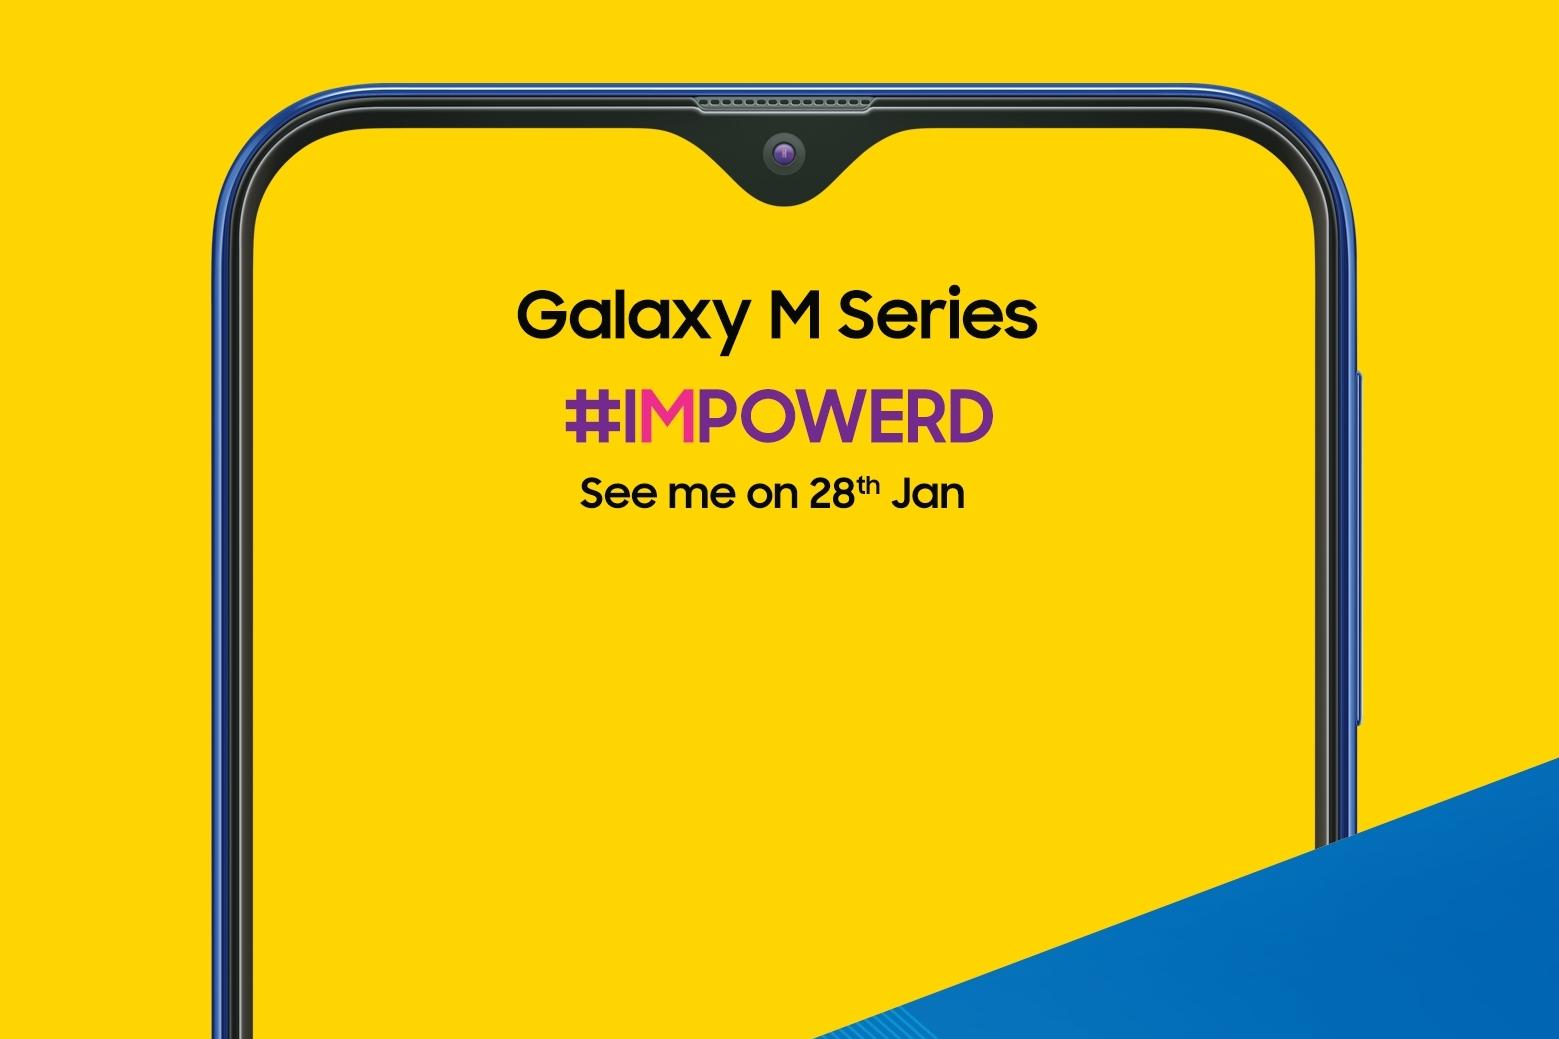 Imagem de Samsung confirma visual e data do Galaxy M, primeiro da marca com entalhe no tecmundo